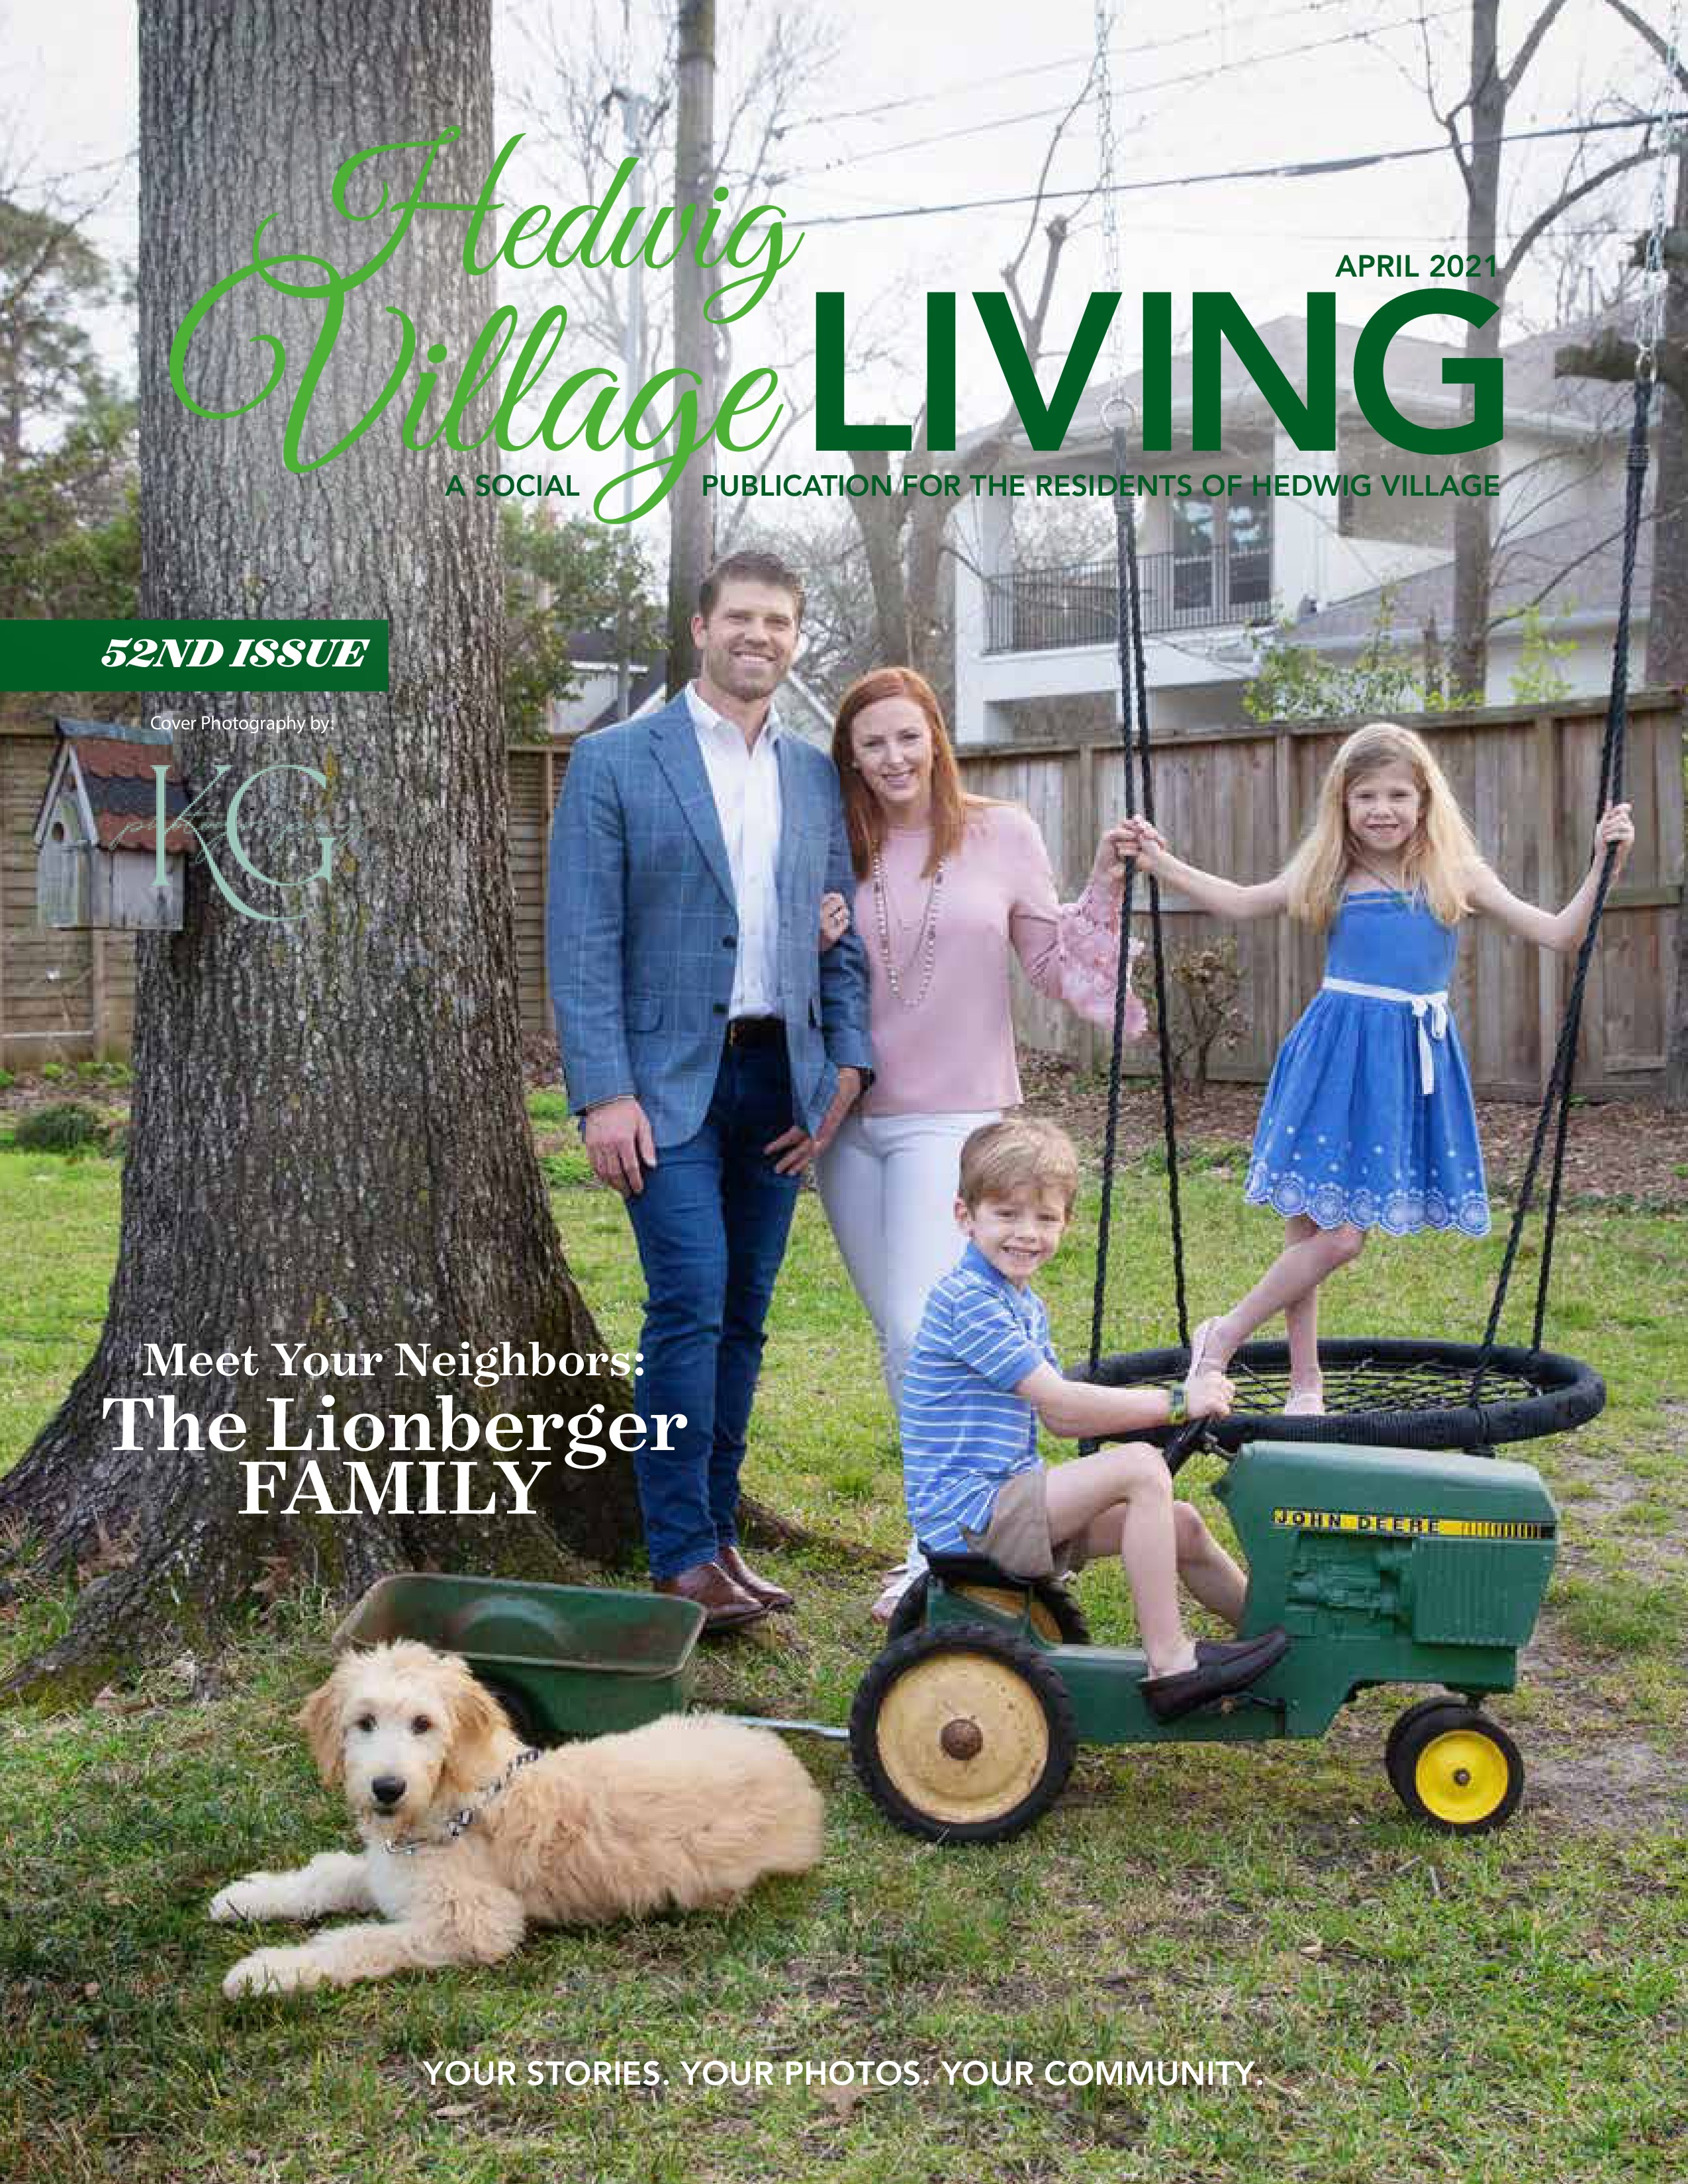 Hedwig Village Living 2021-04-01